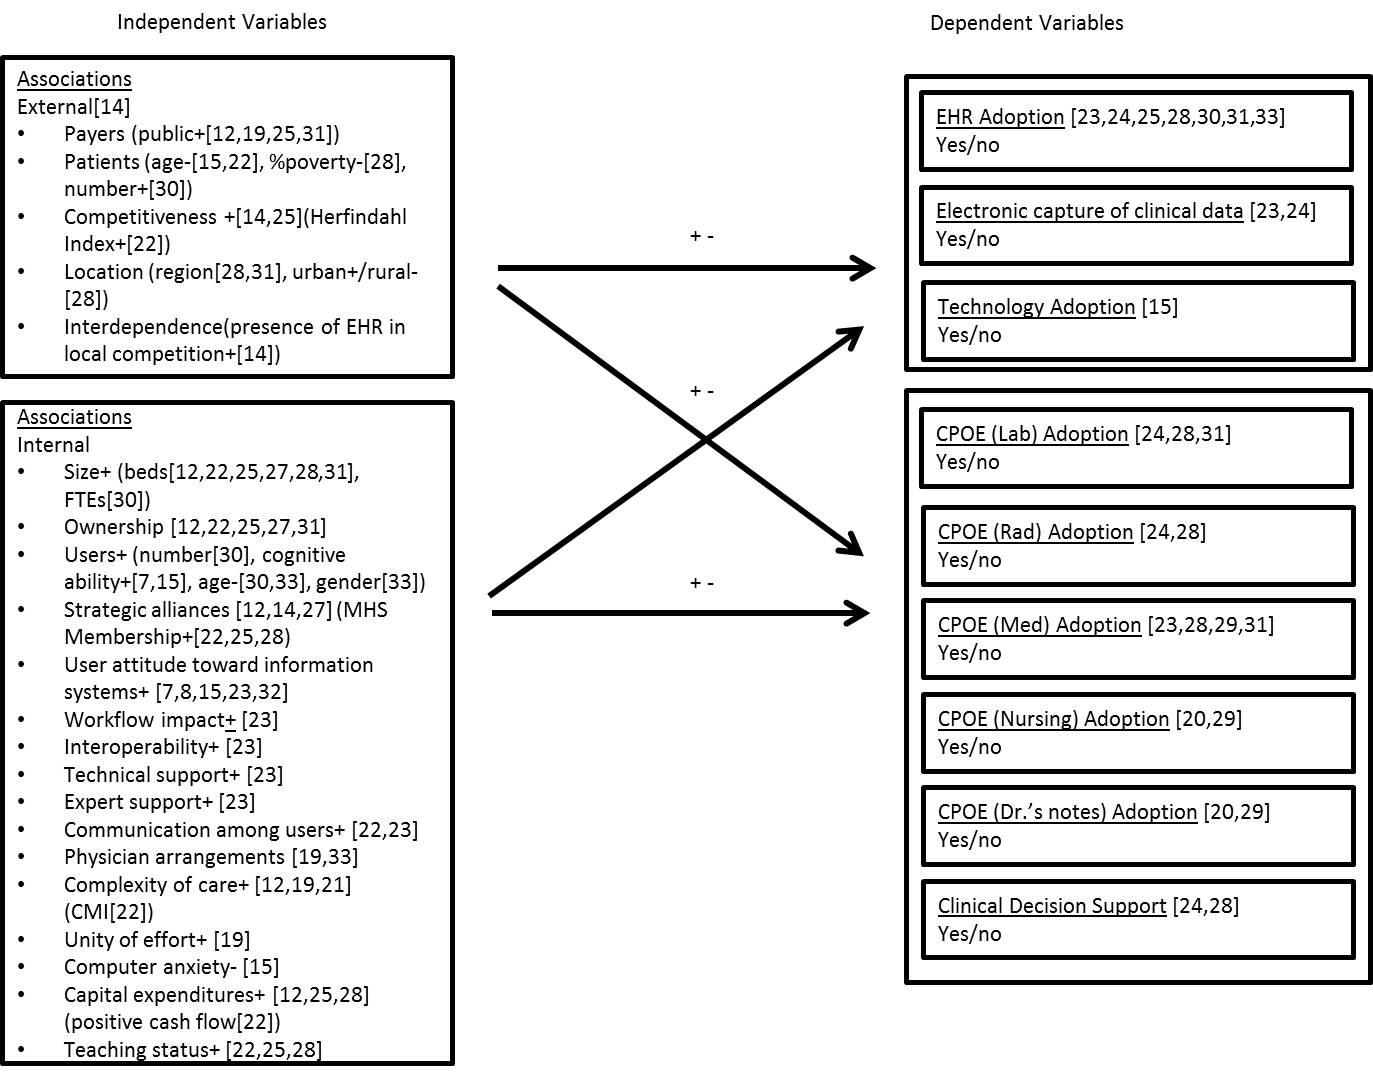 Fig2 Kruse JMIRMedInfo2014 2-1.jpg